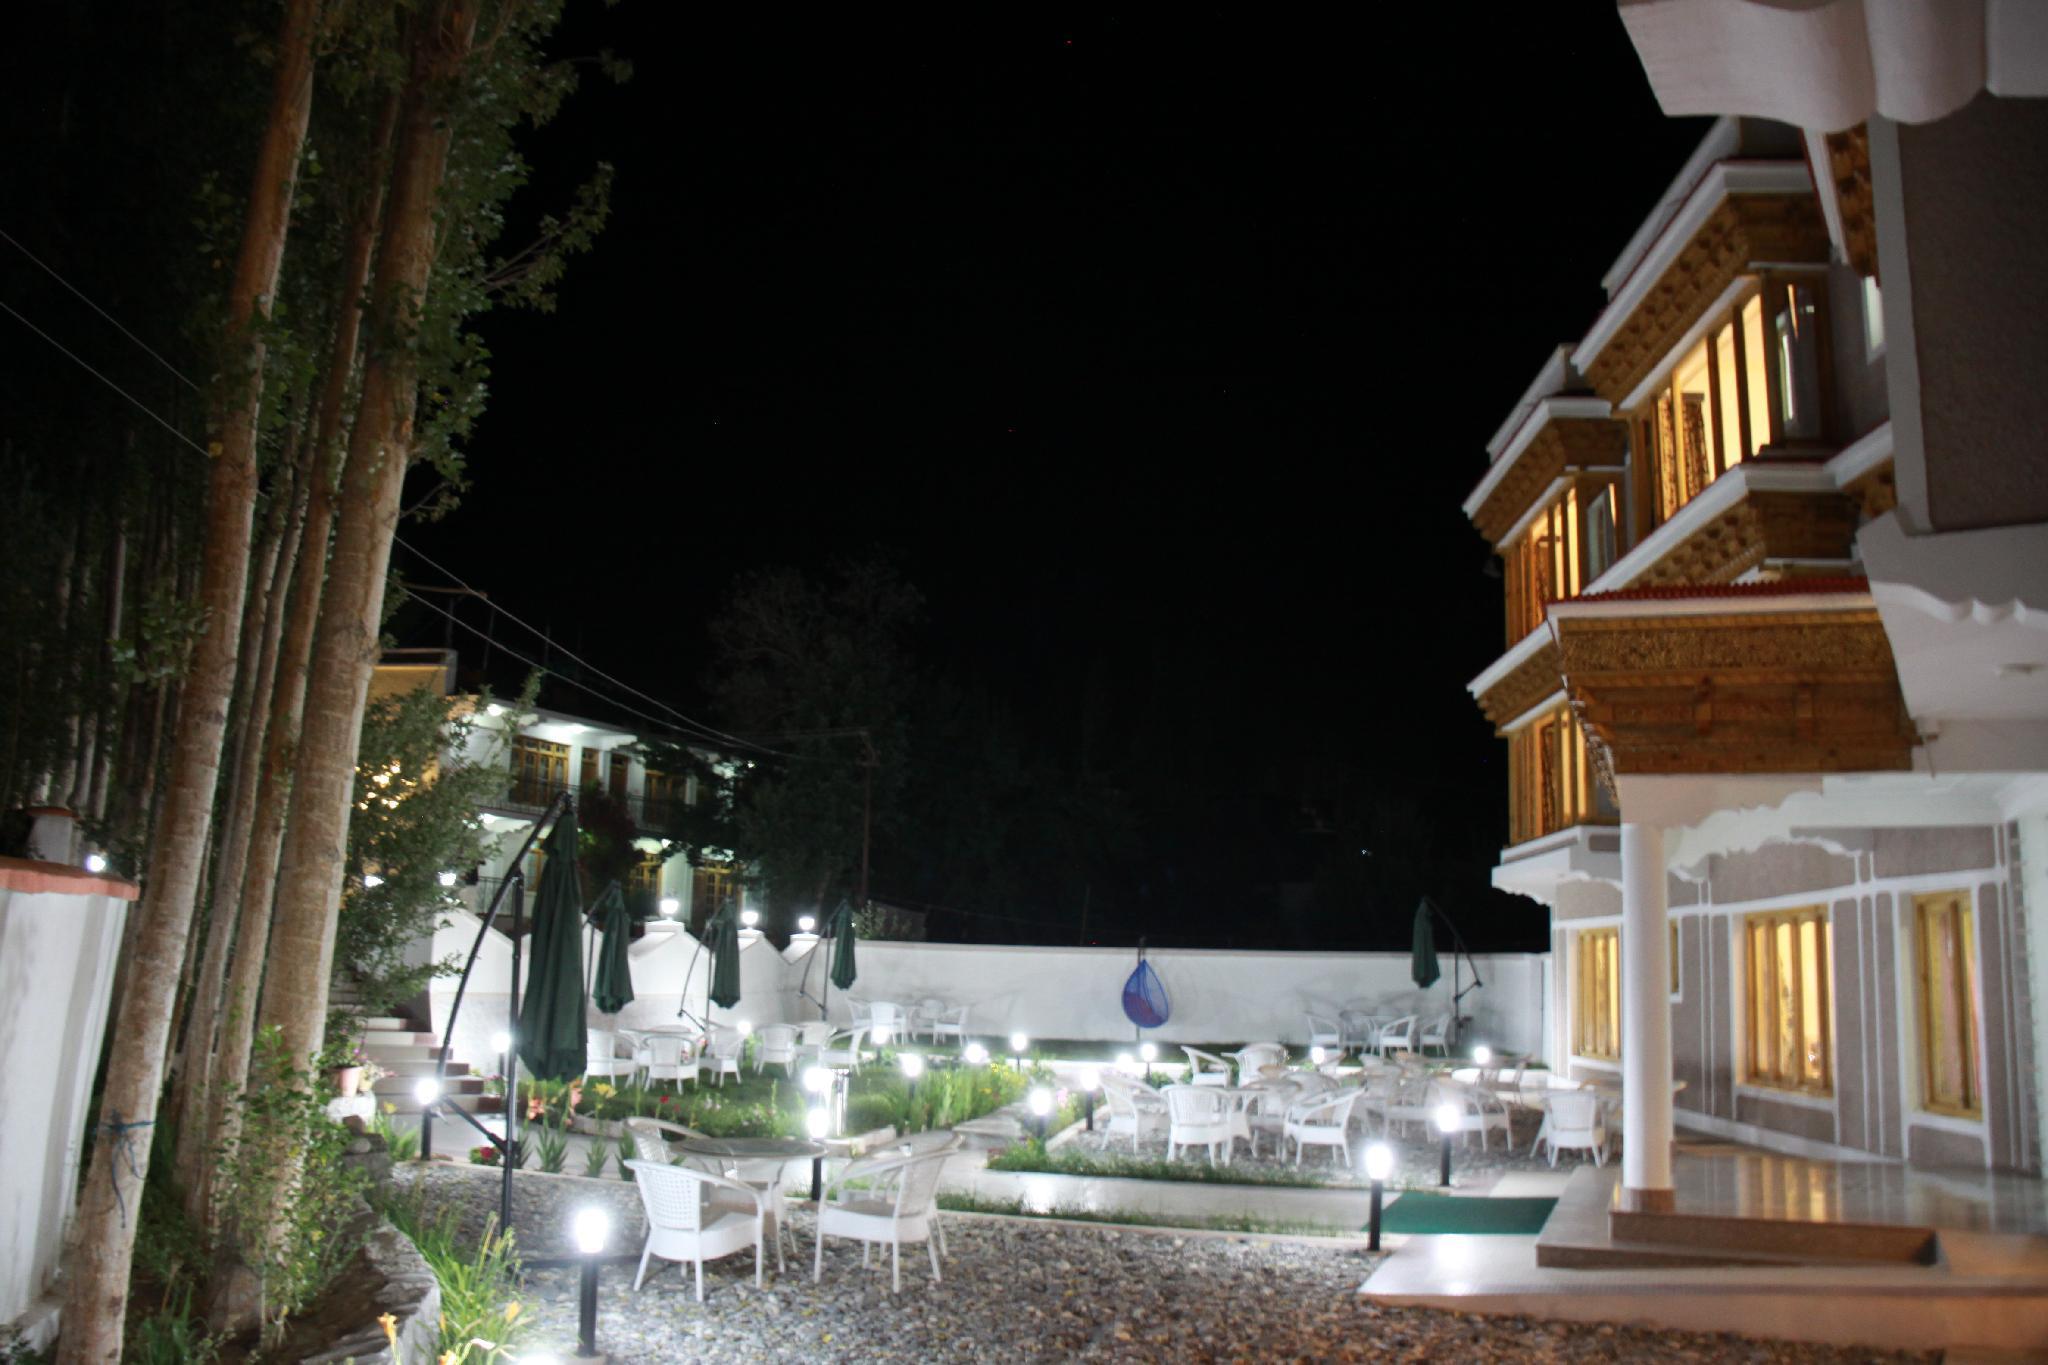 Sangaylay Palace, Leh (Ladakh)